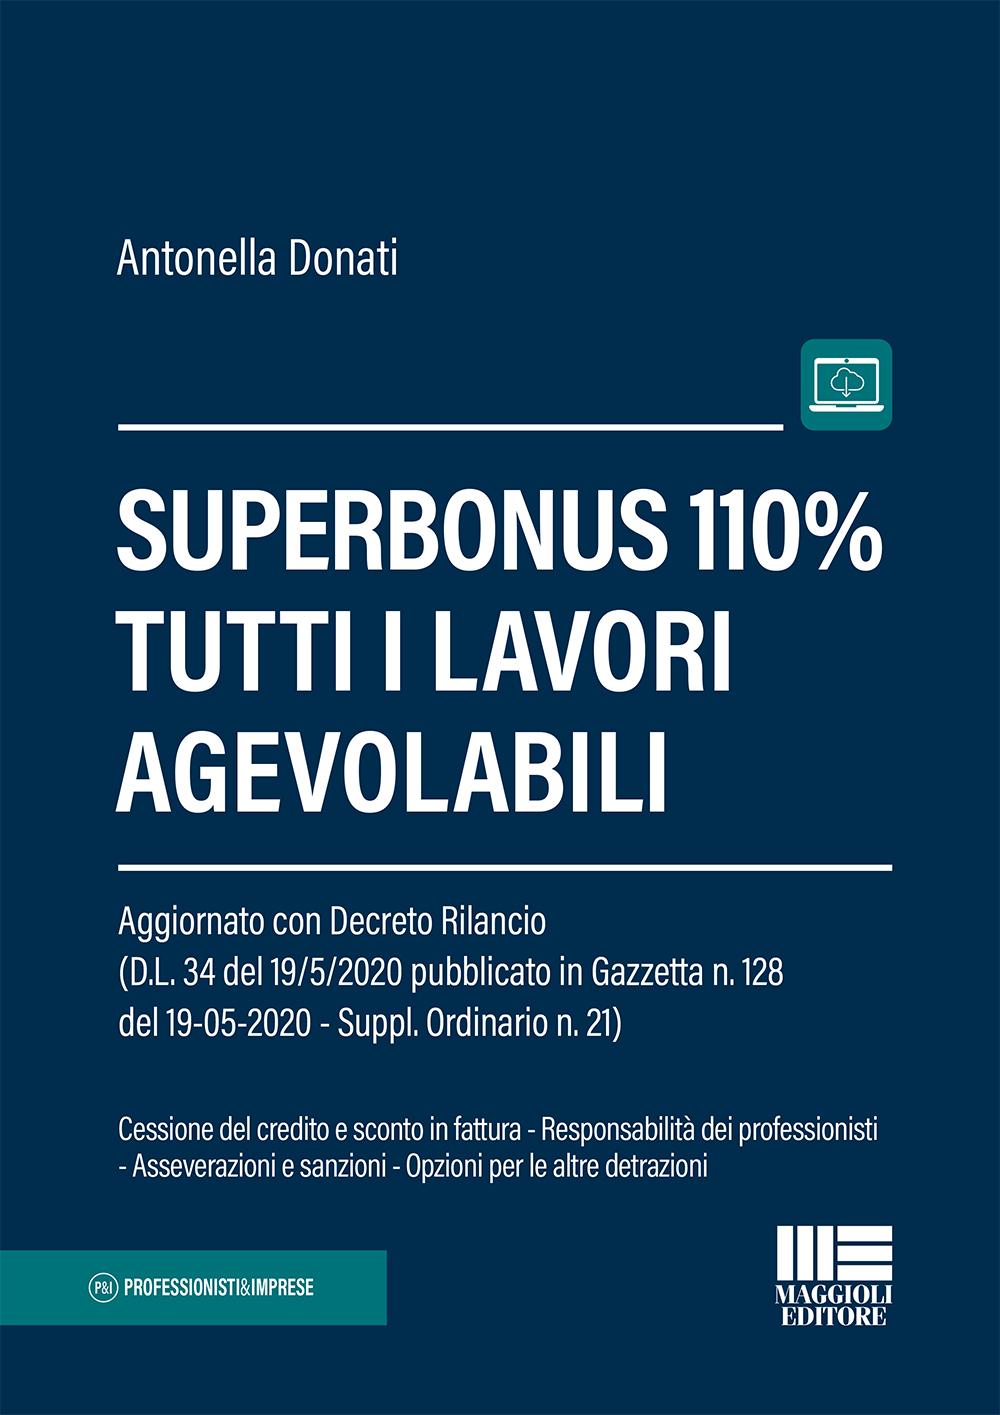 Superbonus 110% - Tutti i lavori agevolabili